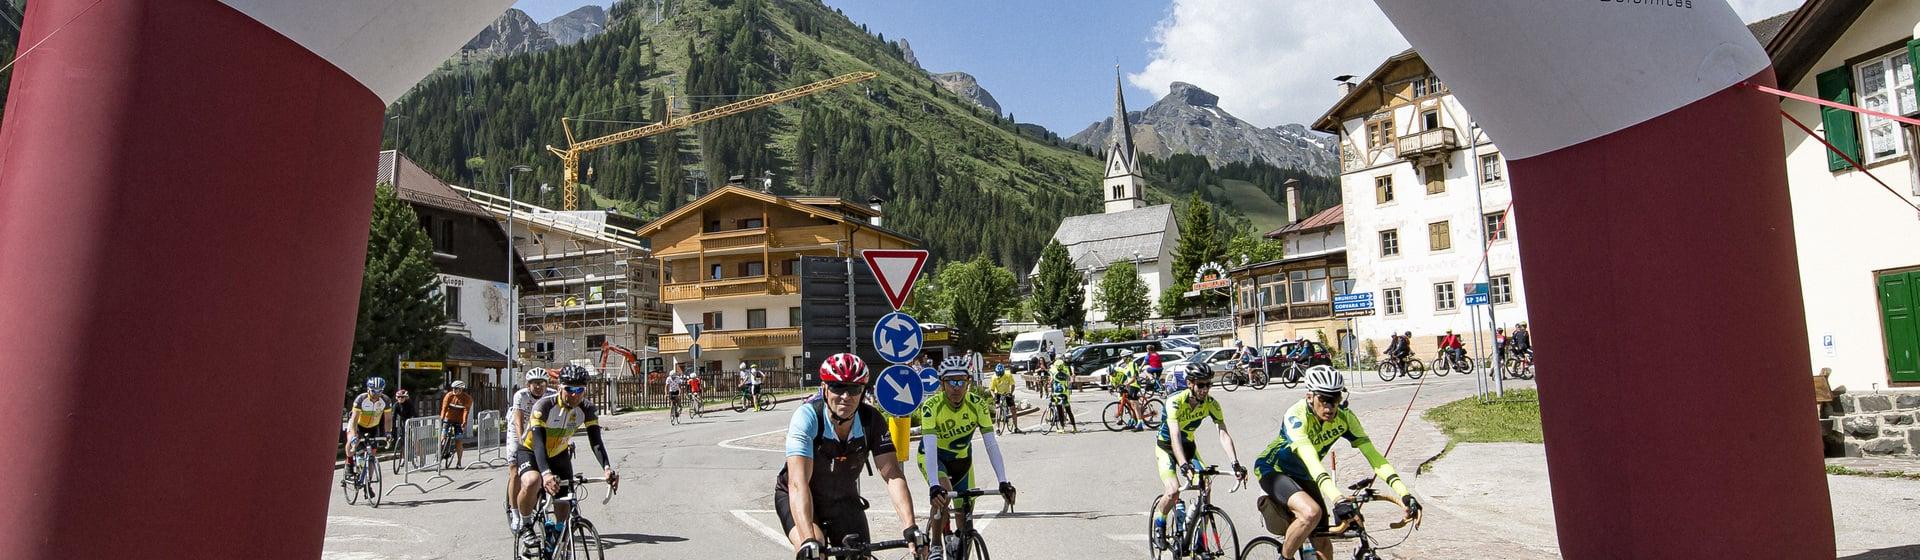 Al via alla 4^ Edizione della Dolomites Bike Day